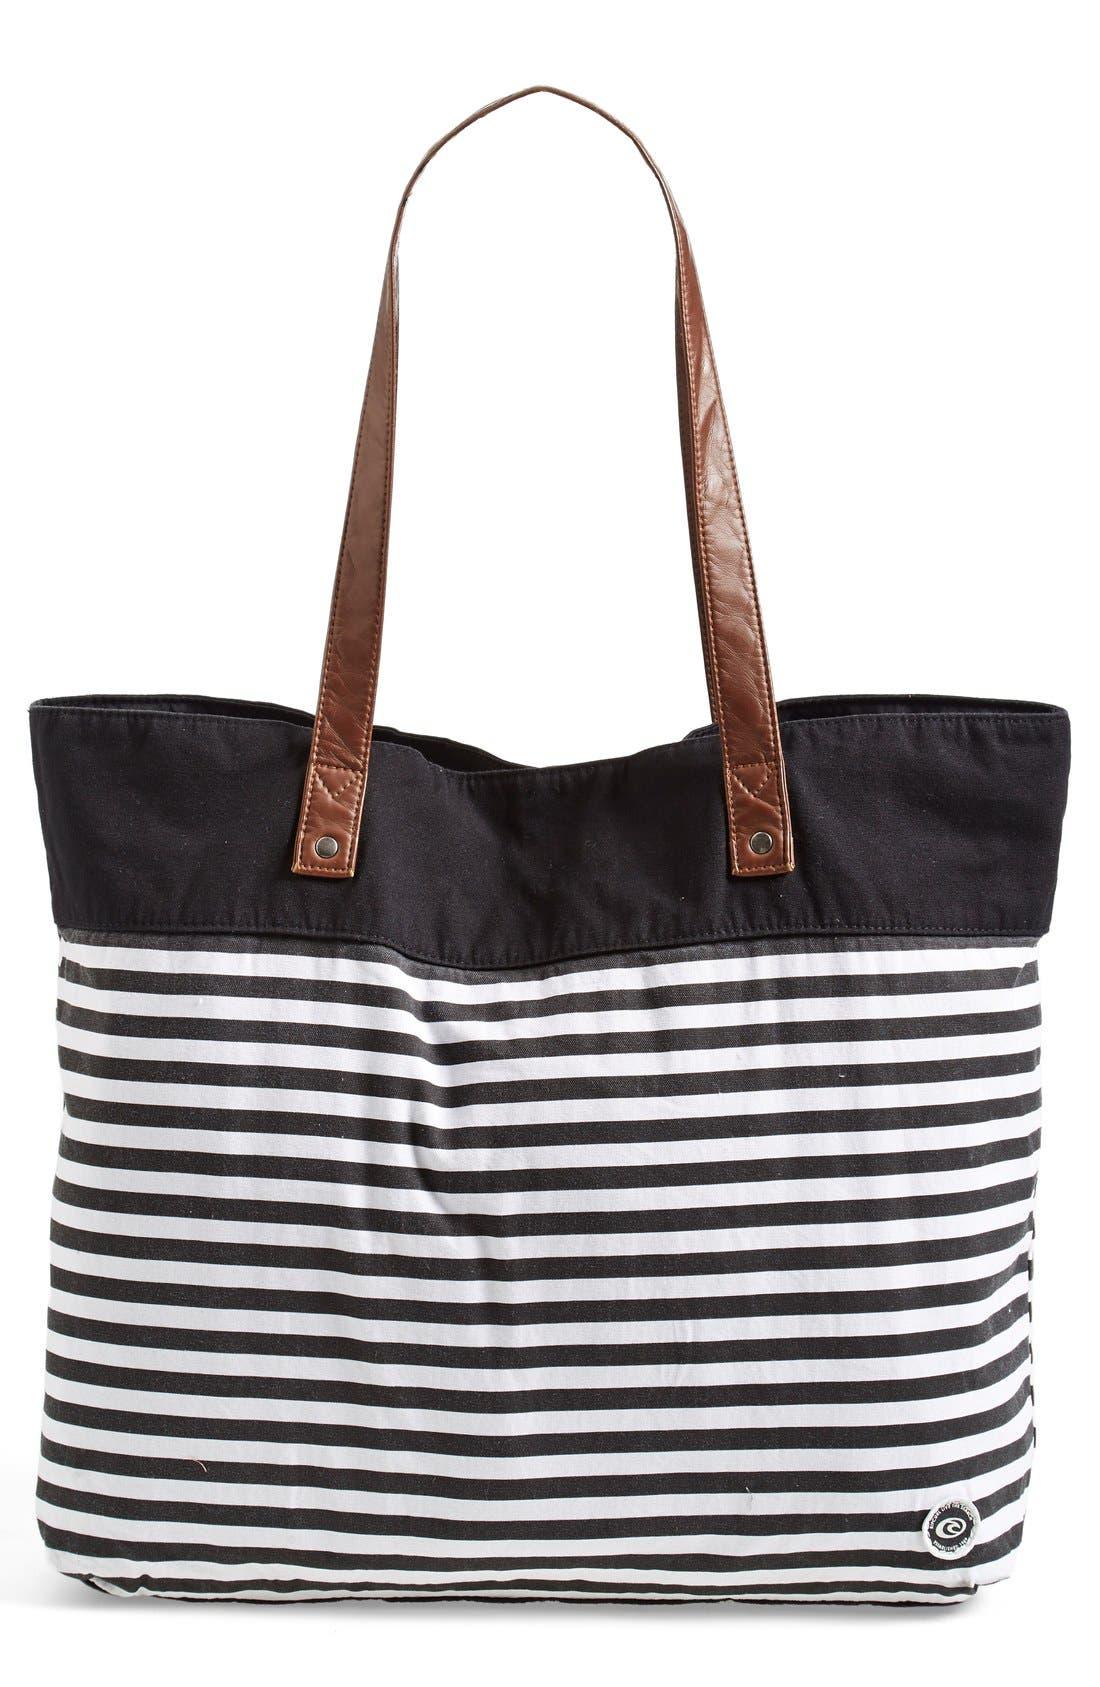 Main Image - Rip Curl 'That Stripe' Beach Bag